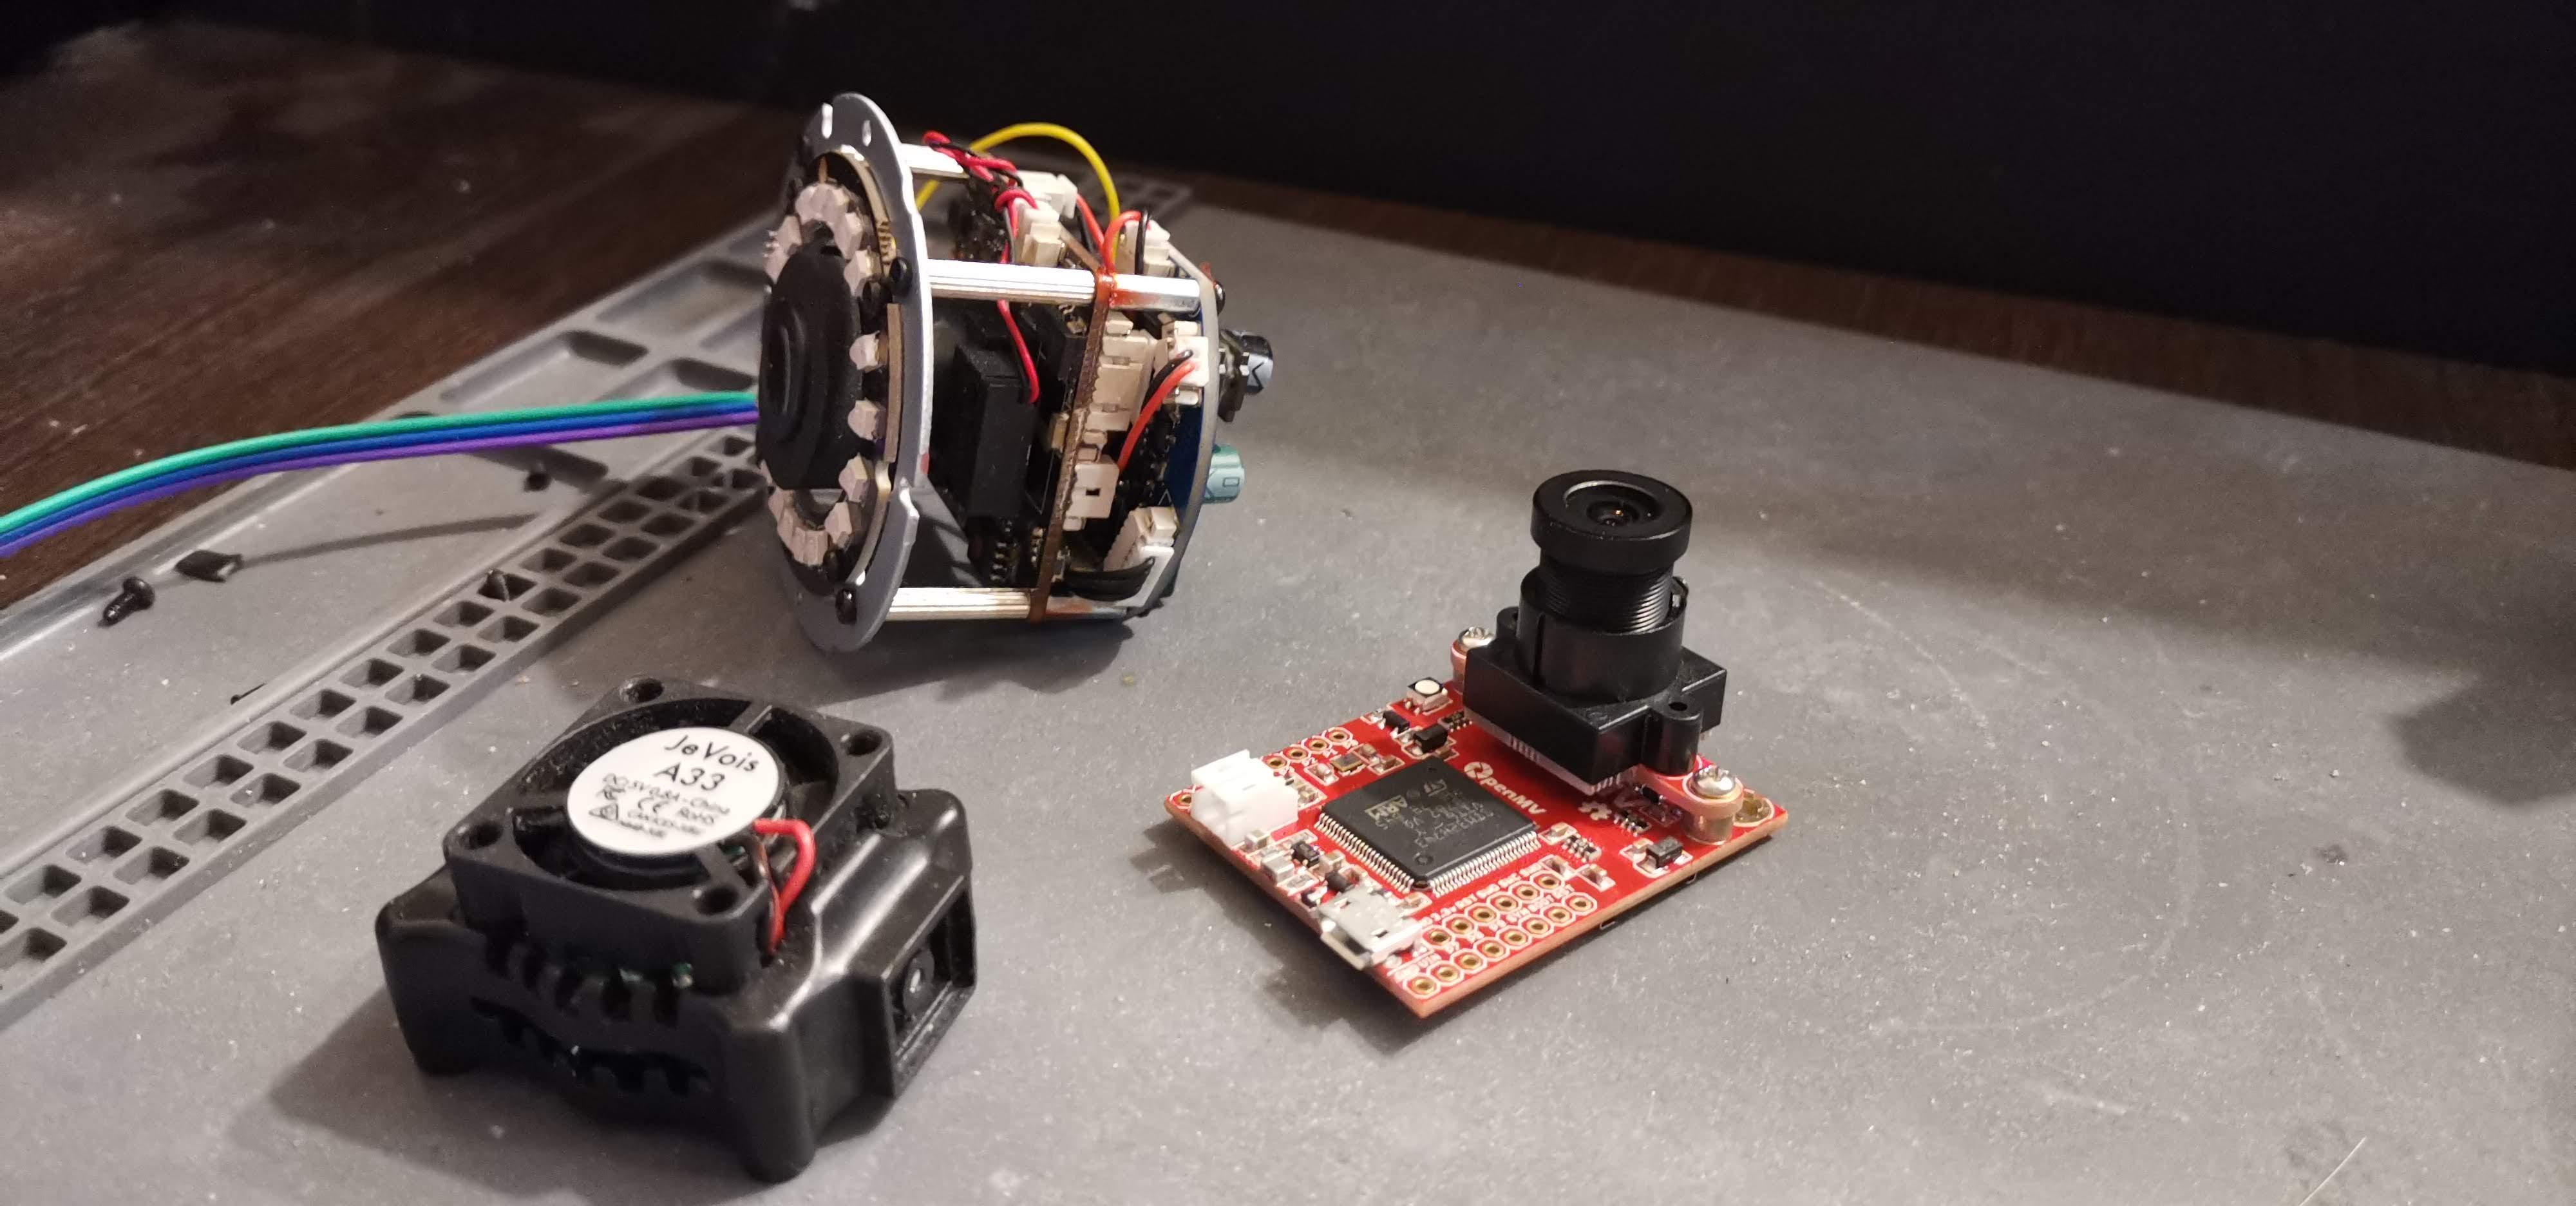 Камеры машинного зрения для энтузиастов. Как использовать камеру для автономной навигации?